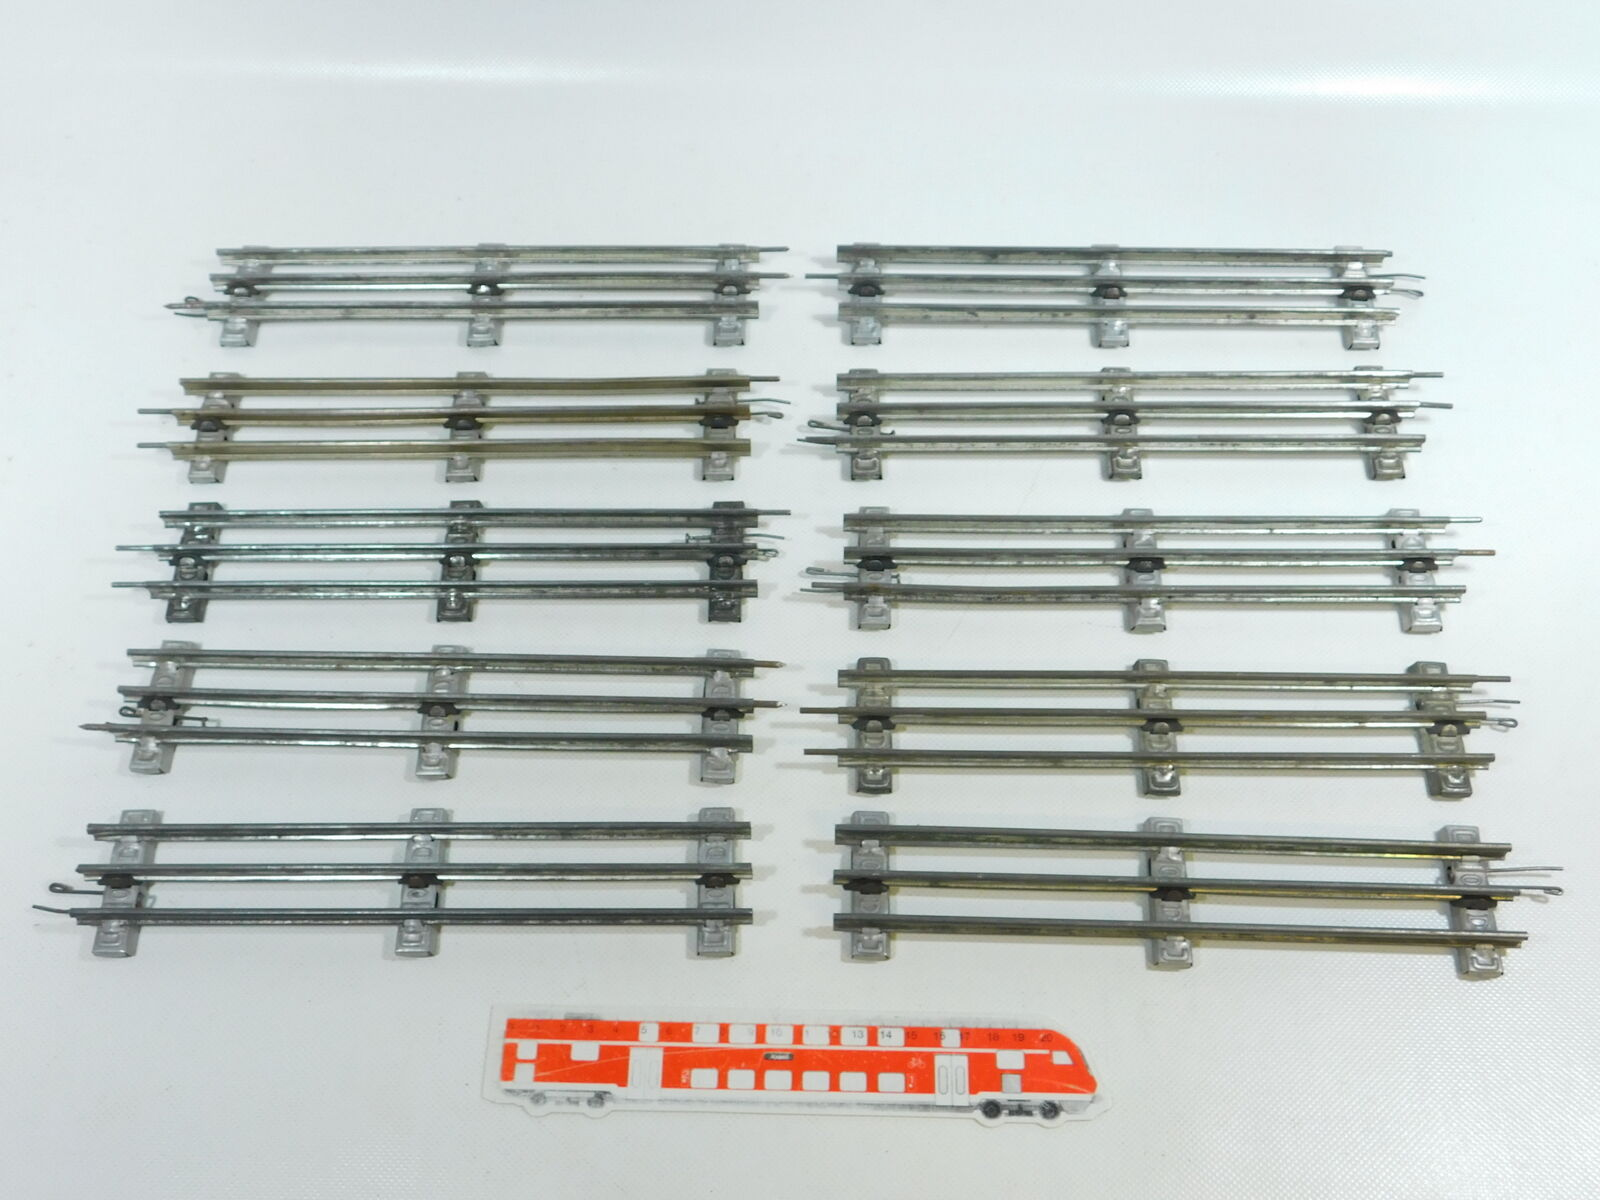 Bw77-2x Märklin pista 0 vía recta (26 cm) para funcionamiento eléctrico